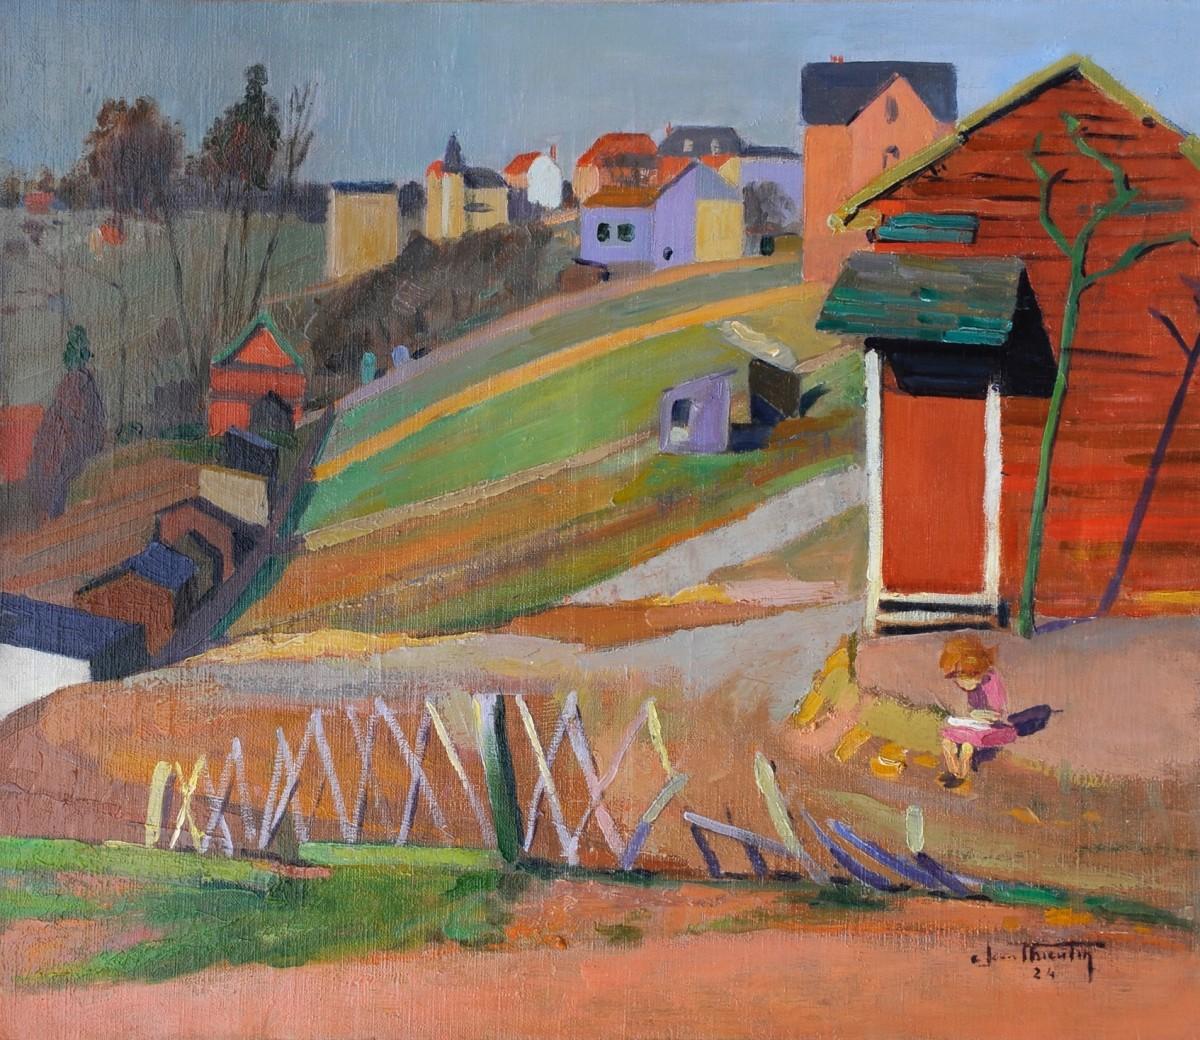 Peintres Ecole De Rouen jean thieulin (1894-1960) - les hauteurs de rouen - xxe